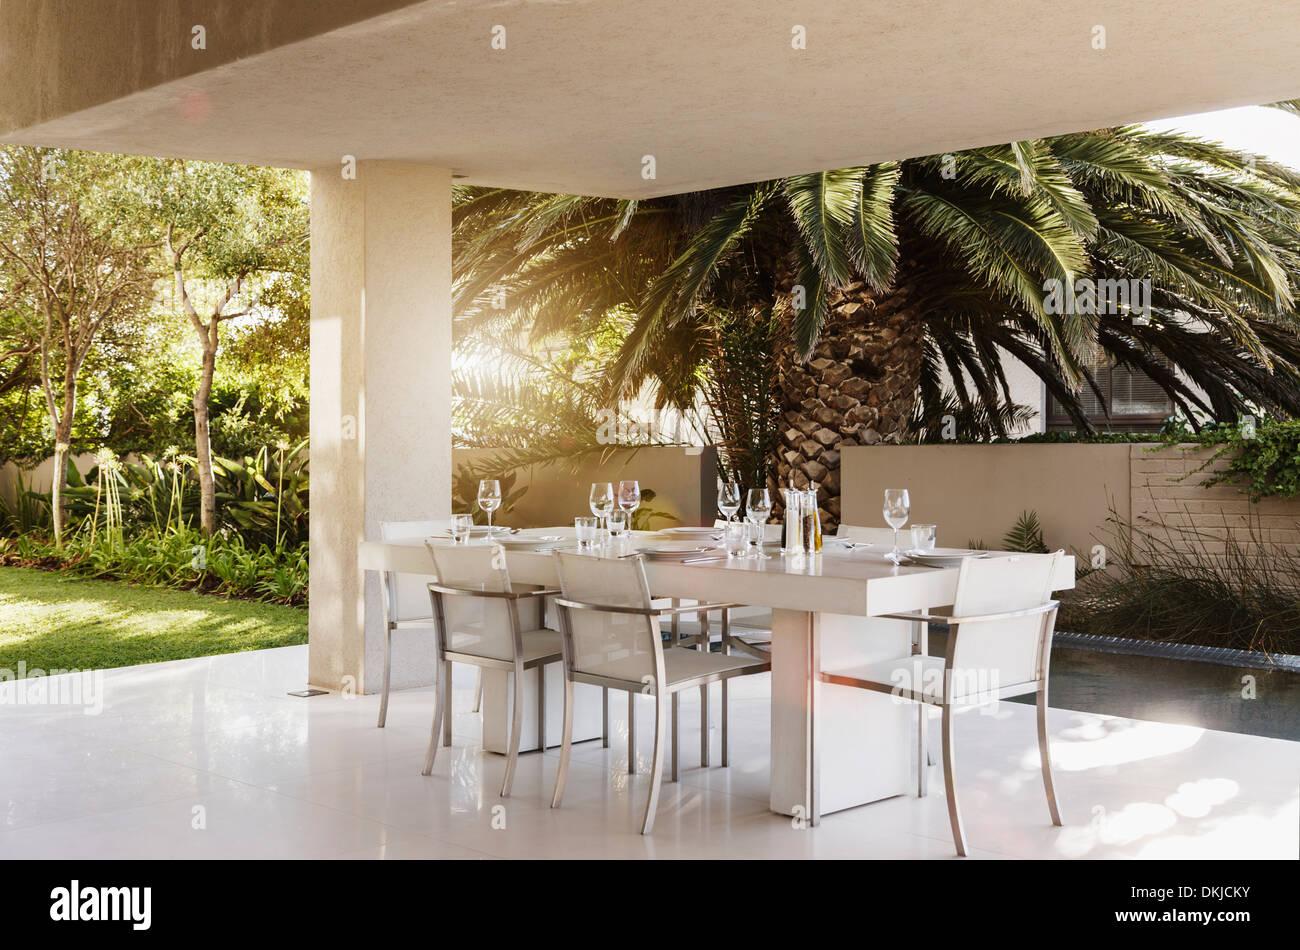 gedeckter tisch auf moderne terrasse stockfoto bild 63714671 alamy. Black Bedroom Furniture Sets. Home Design Ideas